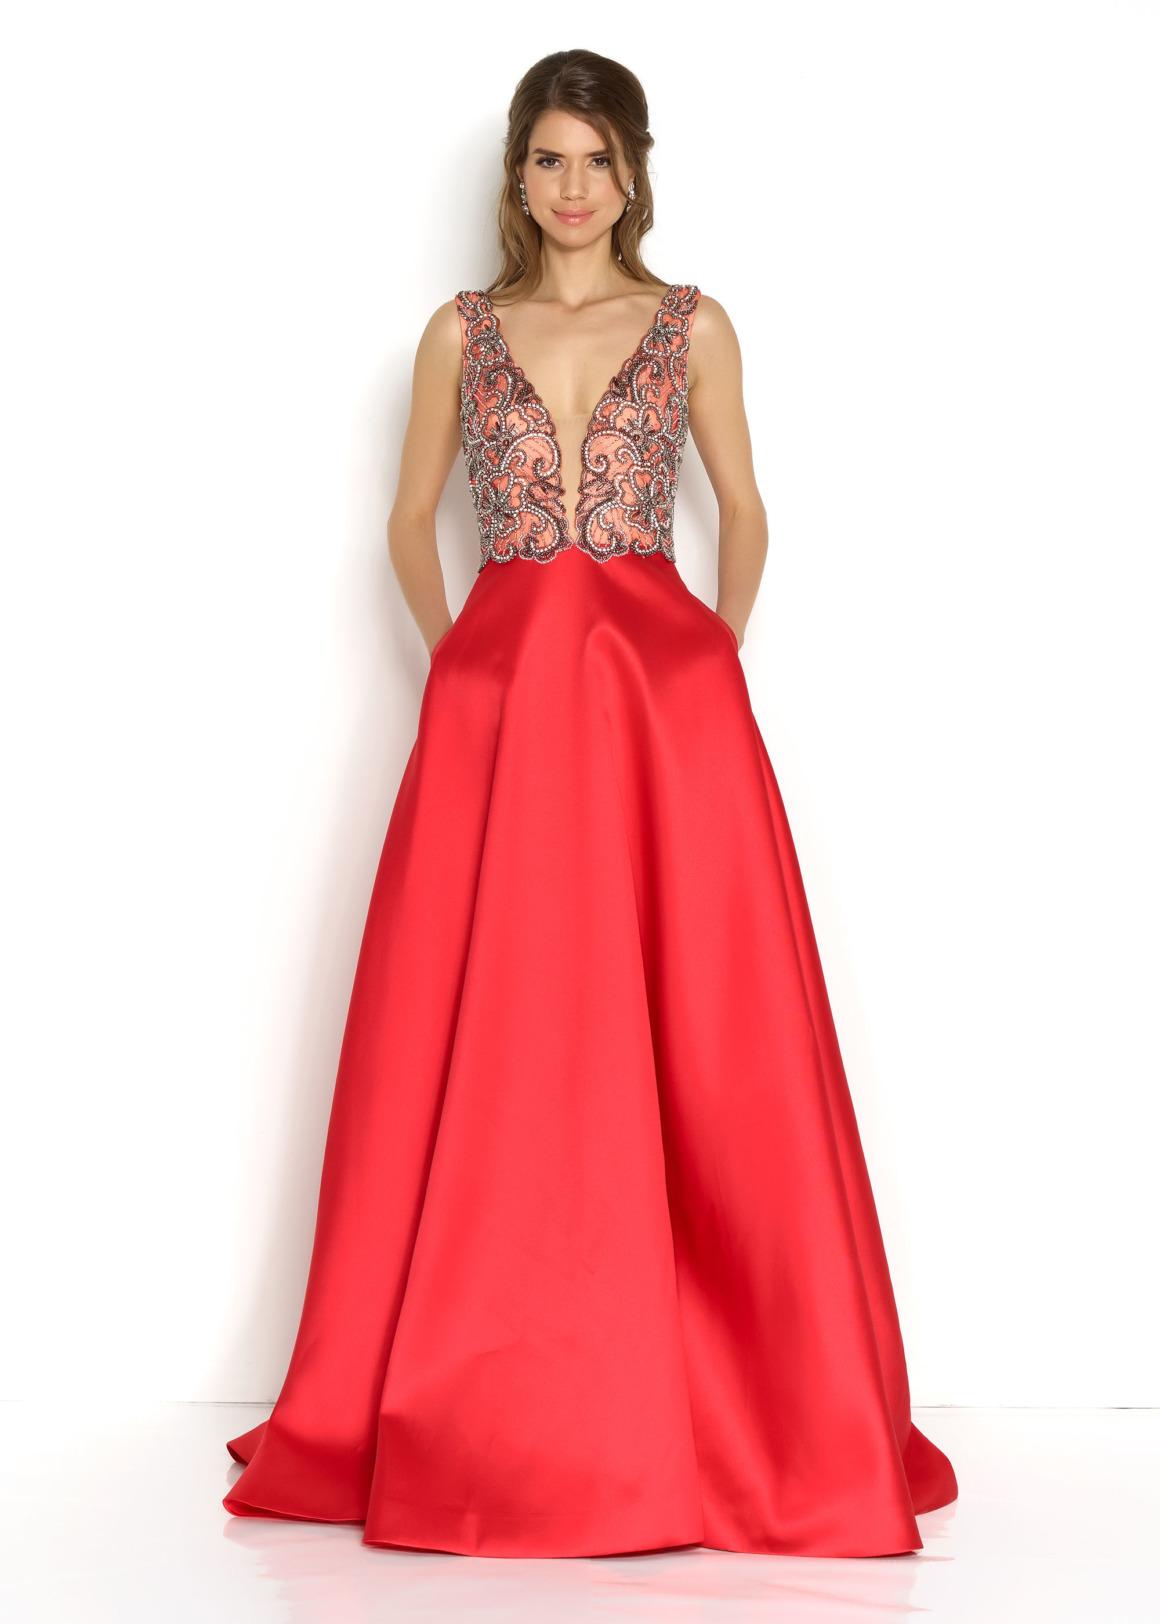 Schützenfest Königinnenkleid Hofdamen Hofstaat langes Kleid Oberteil mit Pailetten und Perlen V-Ausschnitt rot Satin Rock mit Taschen lang